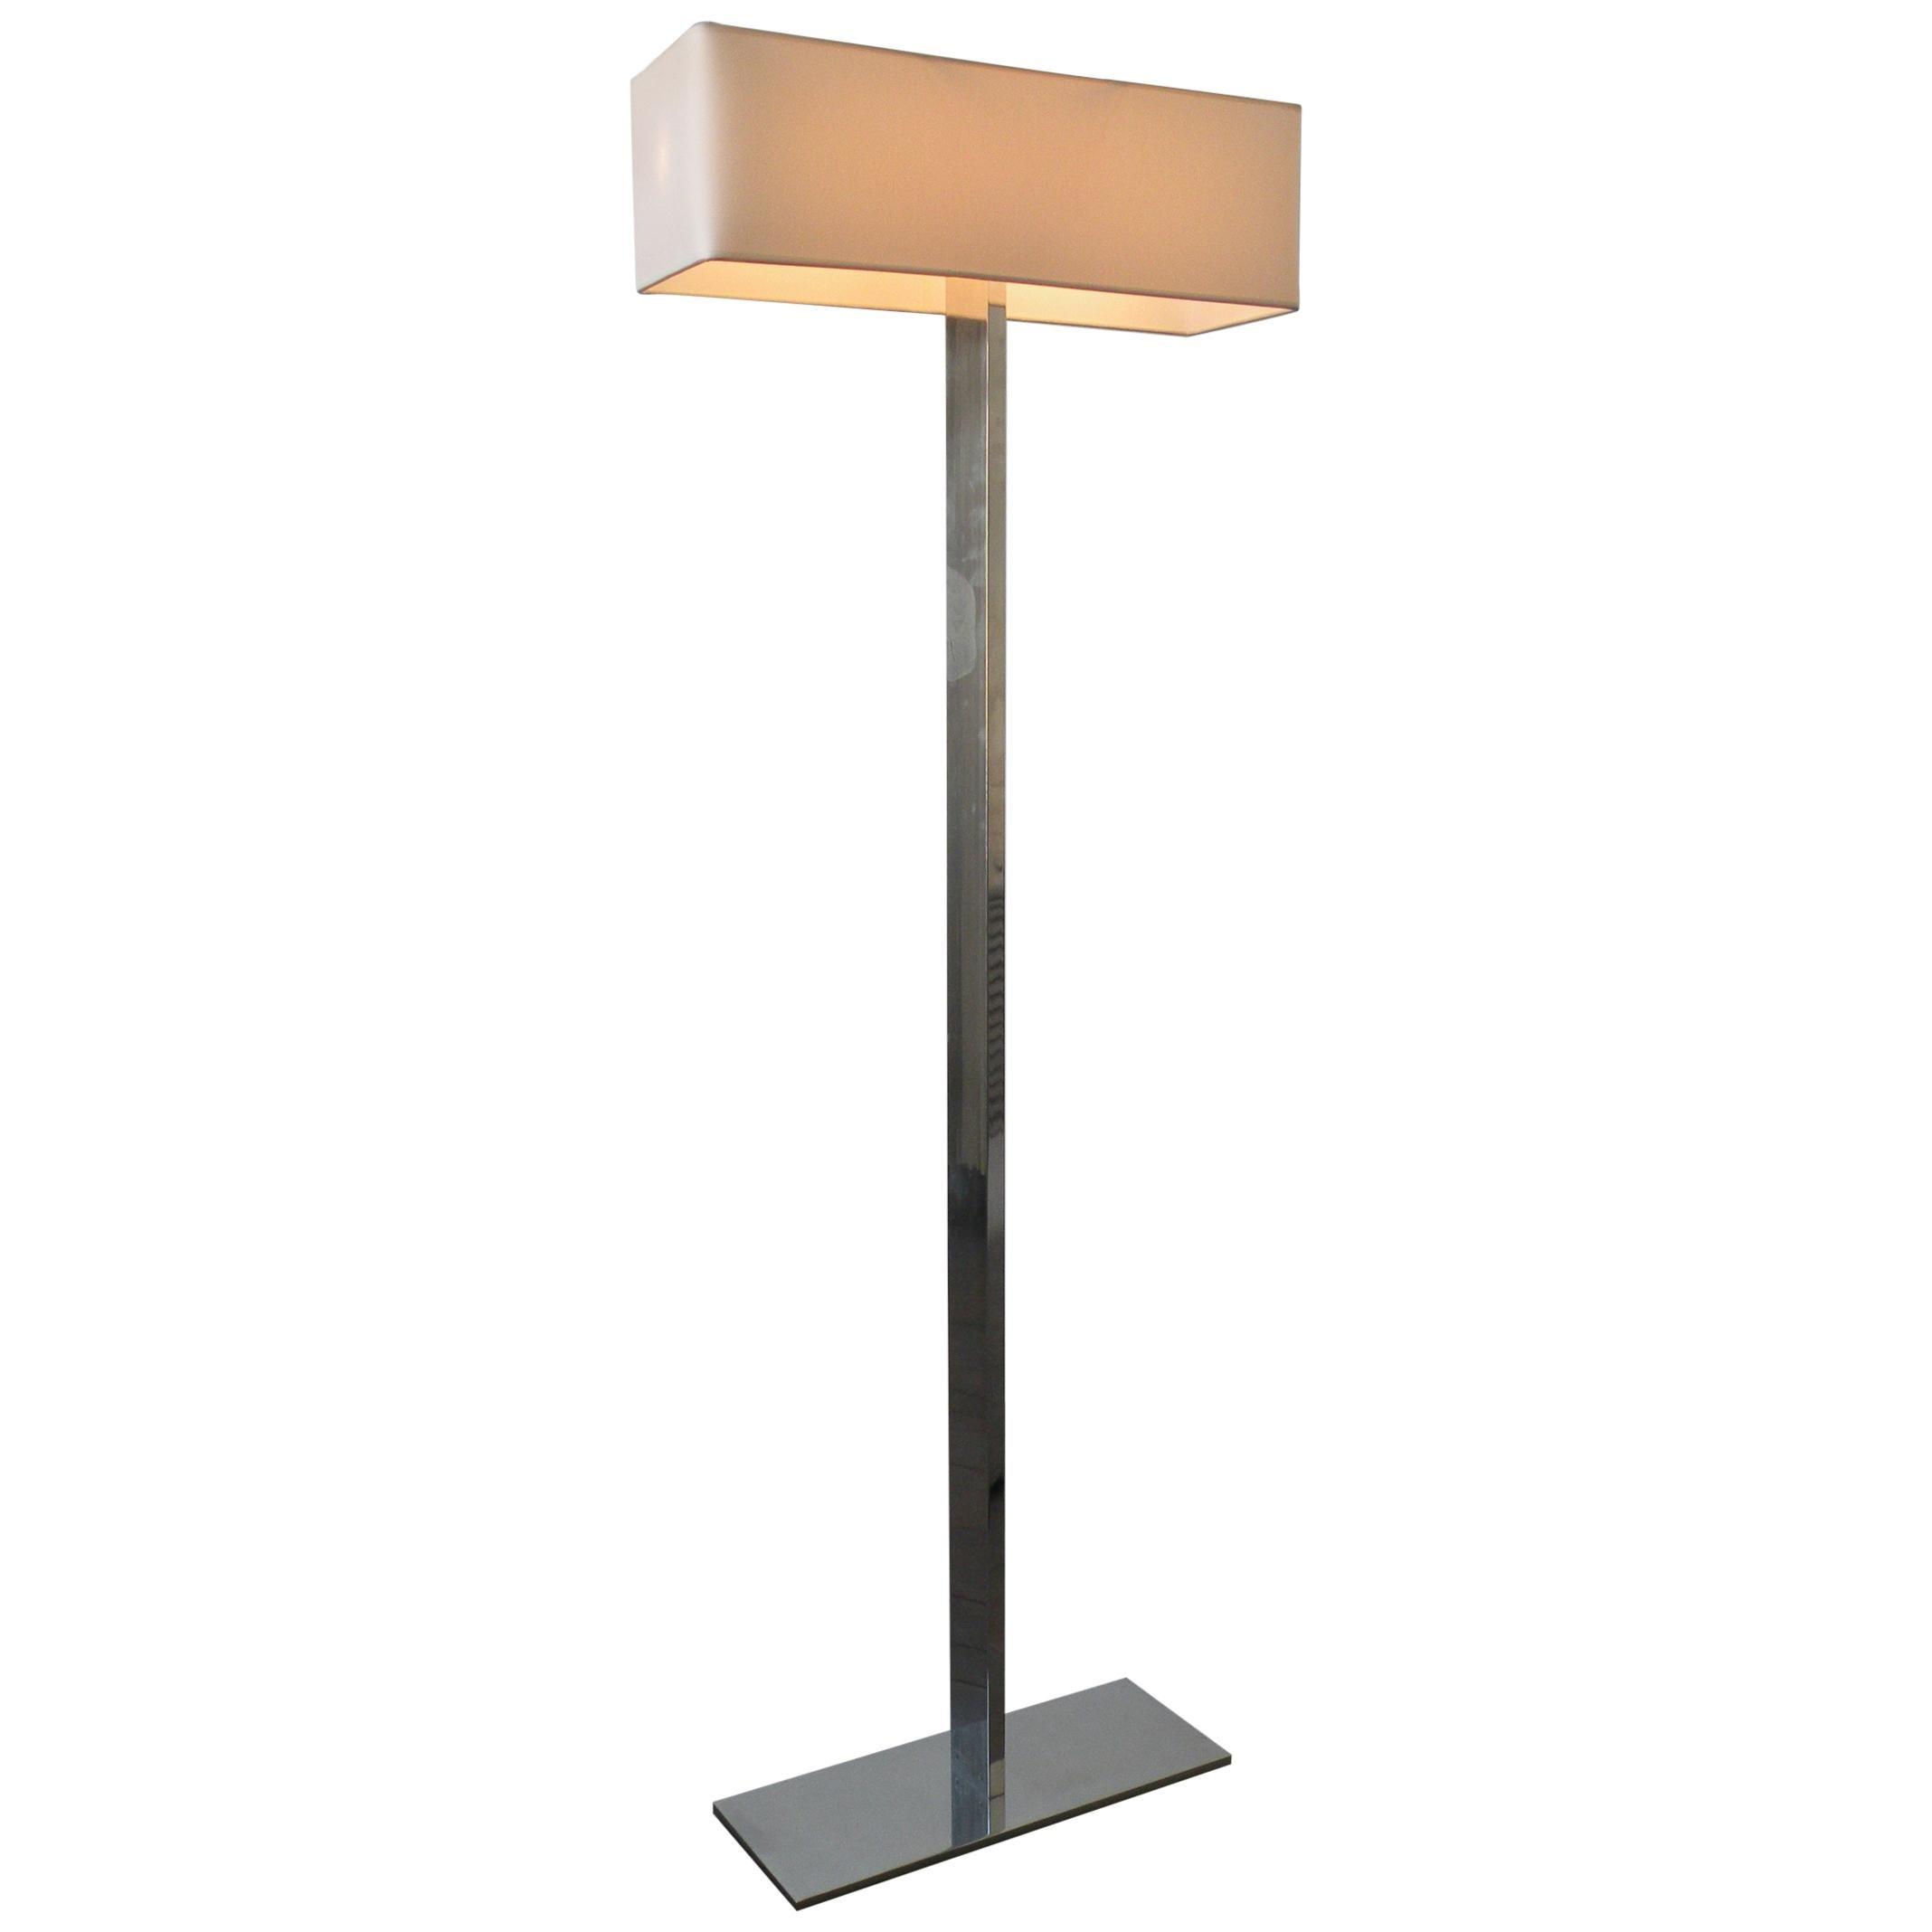 'No. 19' Floor Lamp in Polished Aluminium